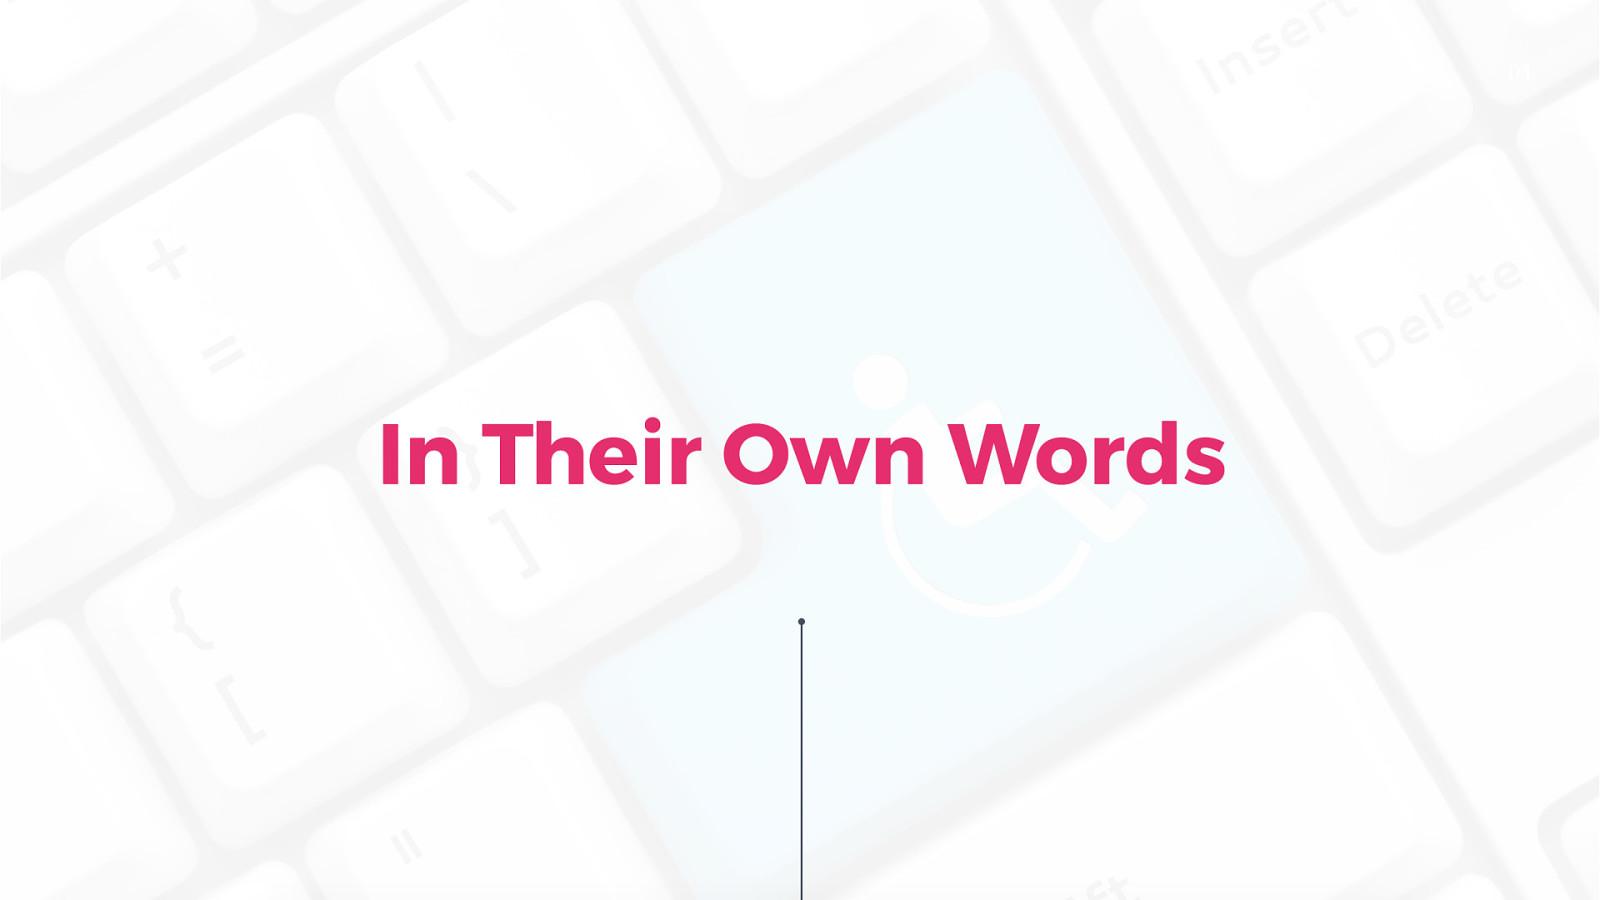 In Their Own Words - Keynote